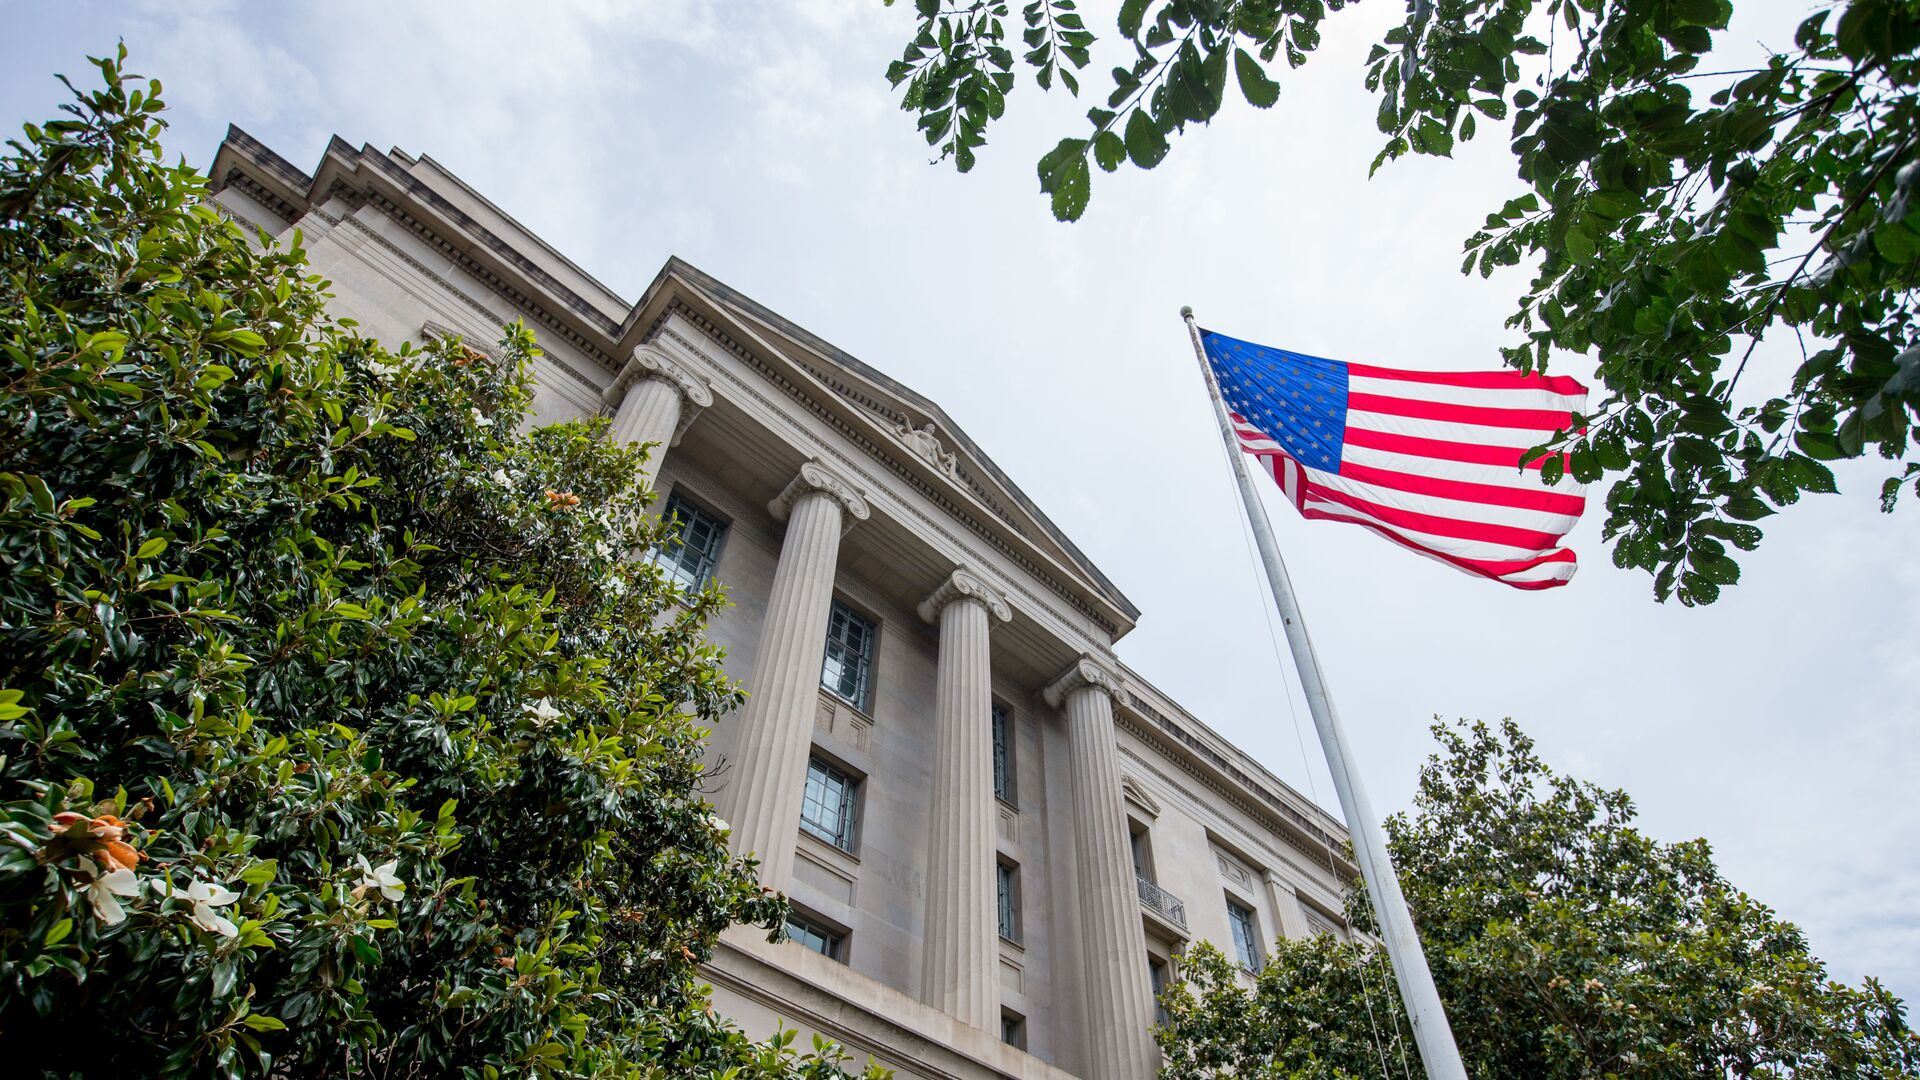 El edificio del Departamento de Justicia de EEUU - Sputnik Mundo, 1920, 12.10.2021